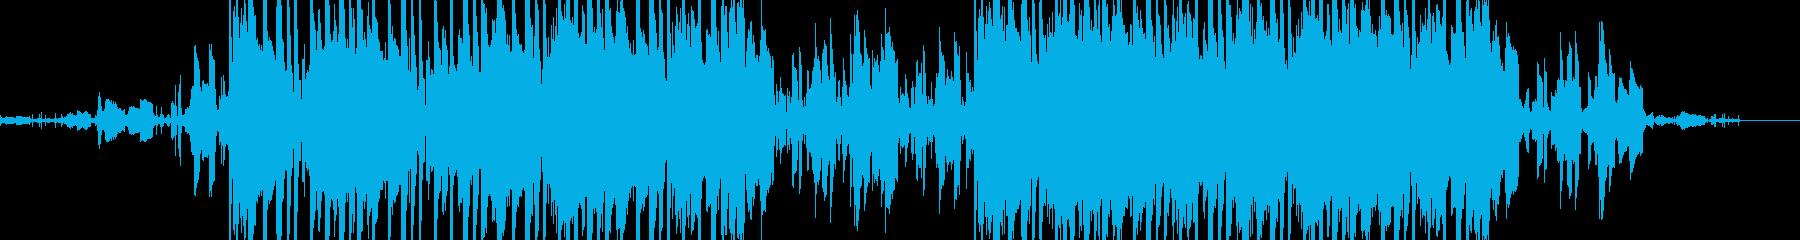 温もり感のあるヒップホップの再生済みの波形